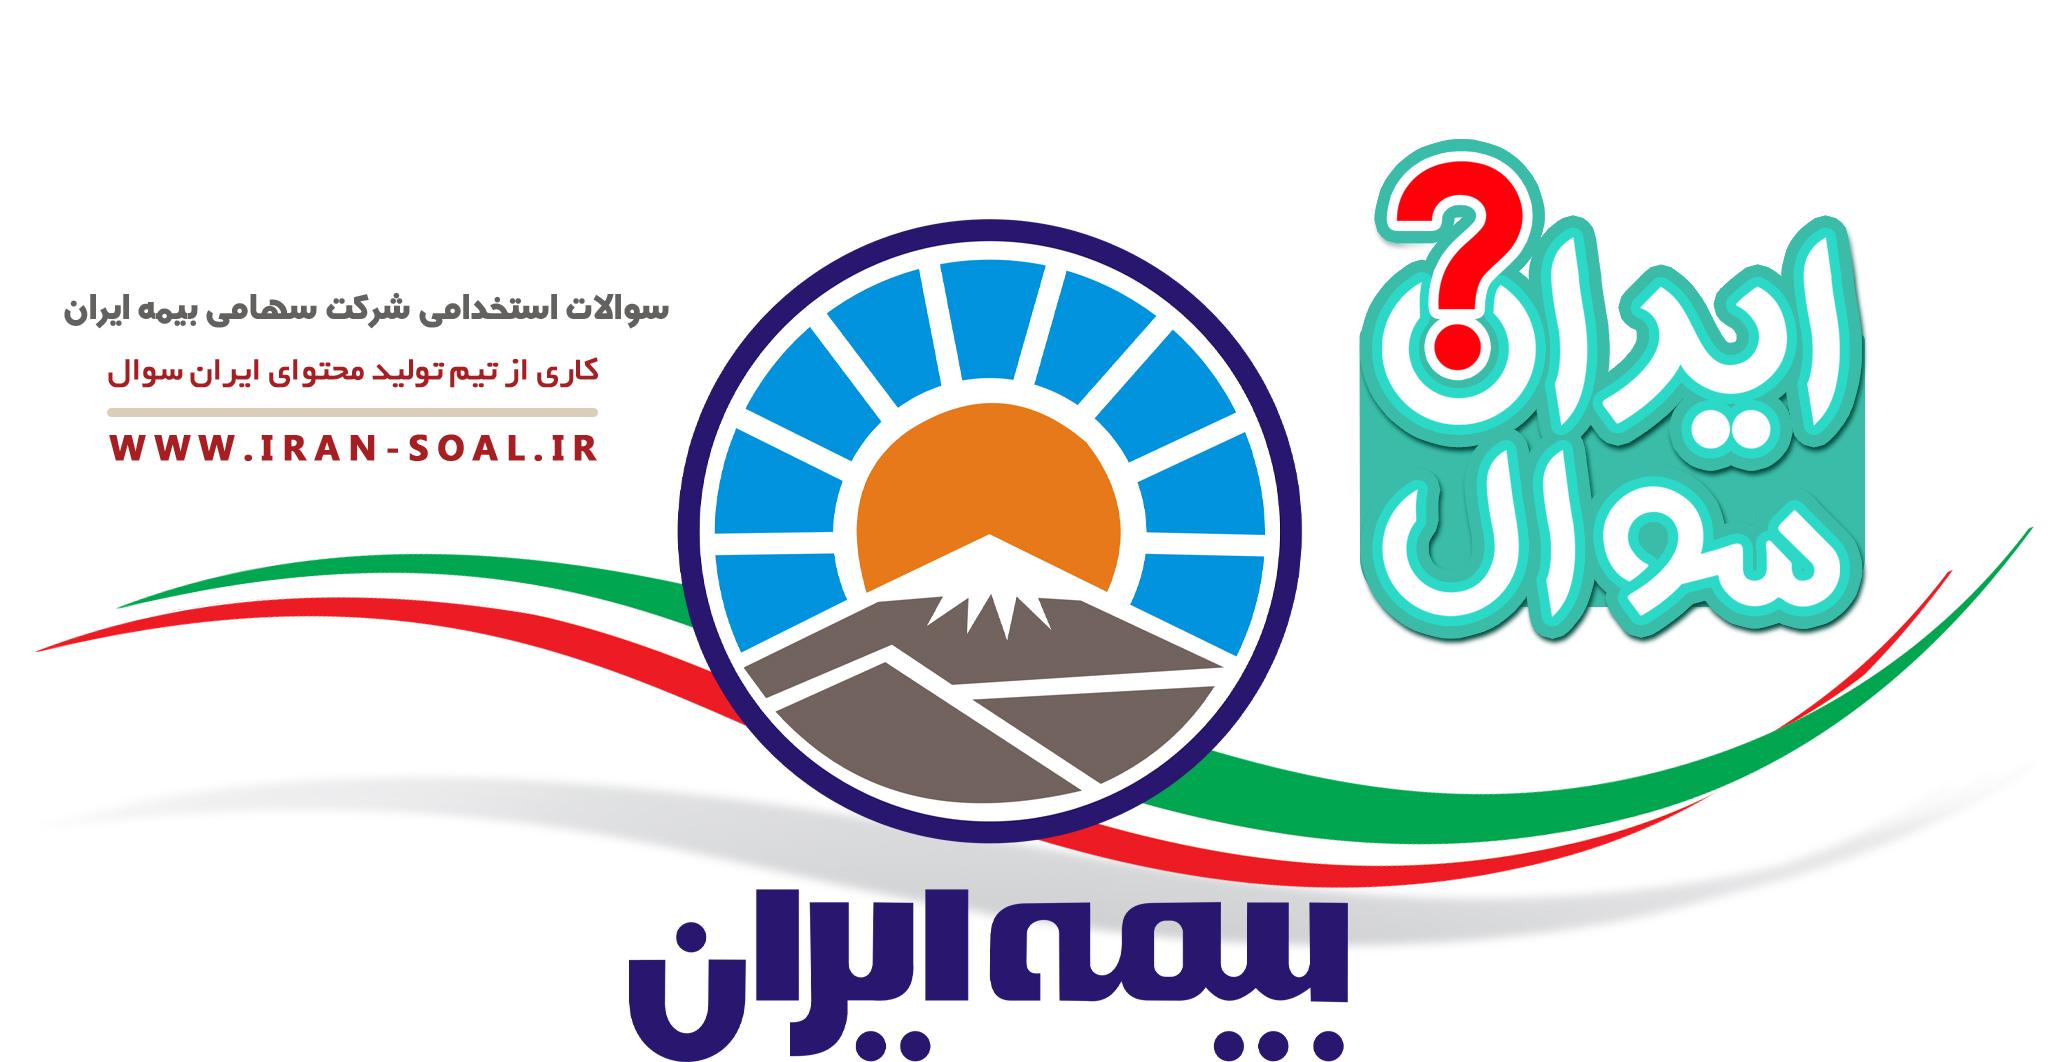 سوالات استخدامی شرکت سهامی بیمه ایران